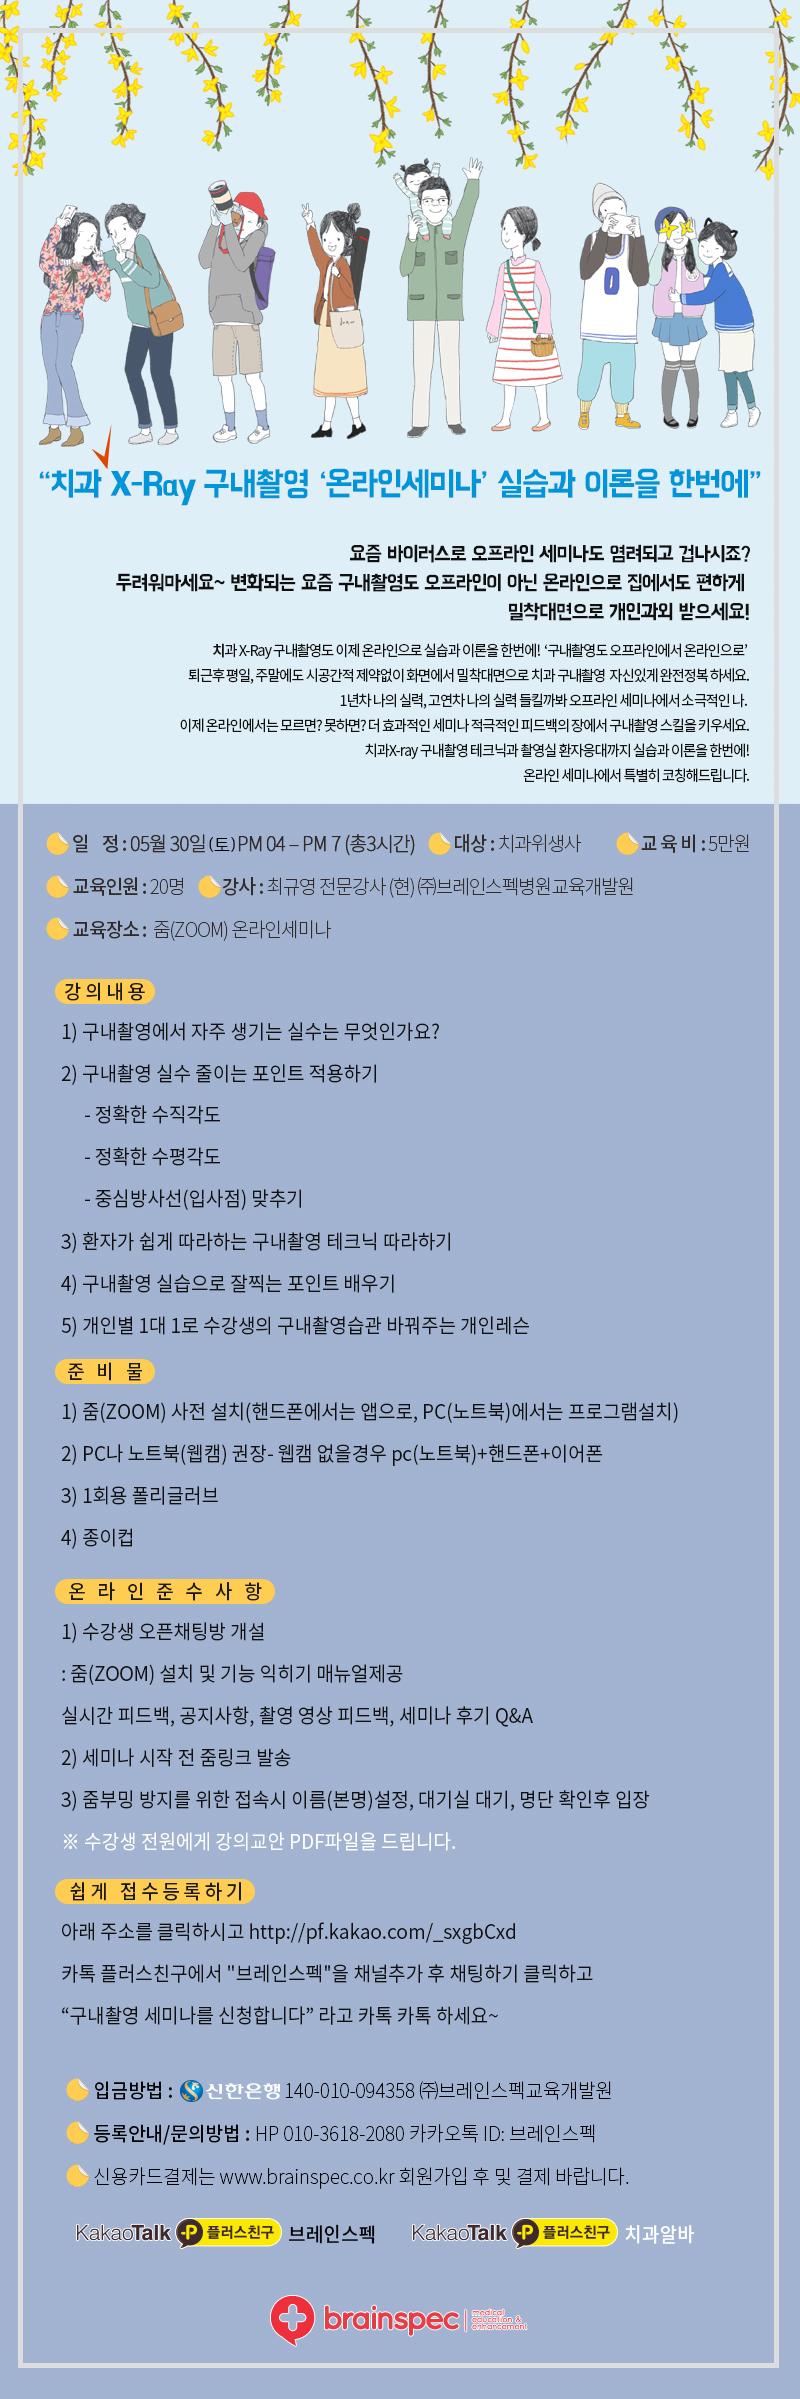 2020-5-30 온라인 라이브교육_구내촬영 실습과 이론을 한번에_최규영.jpg